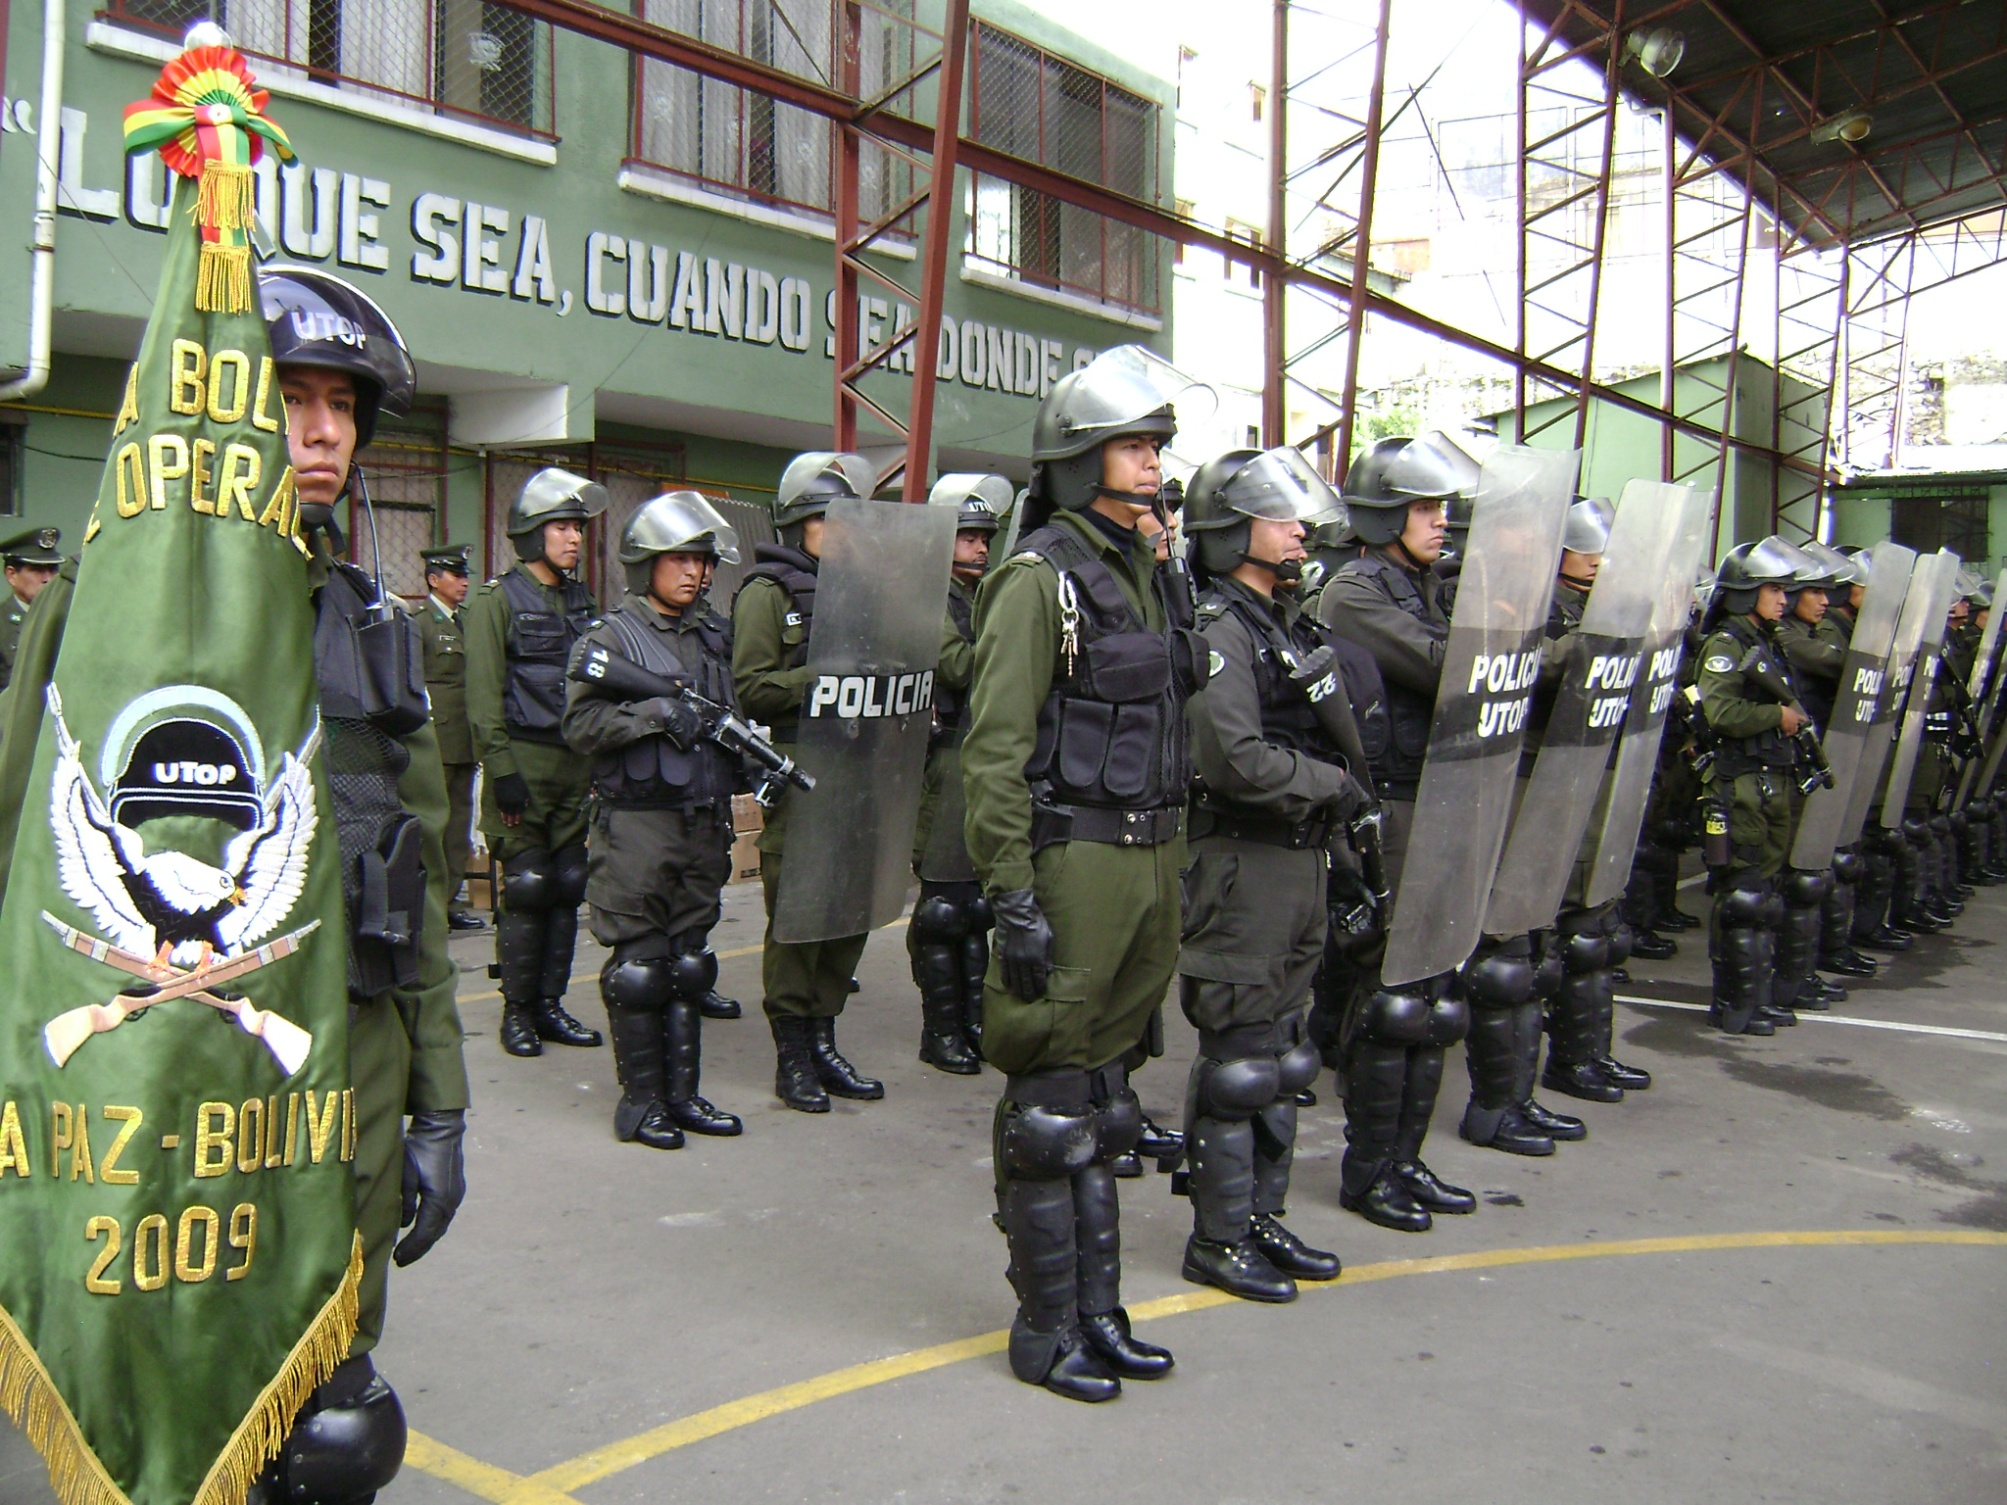 Resultado de imagen para policias chuquisaca